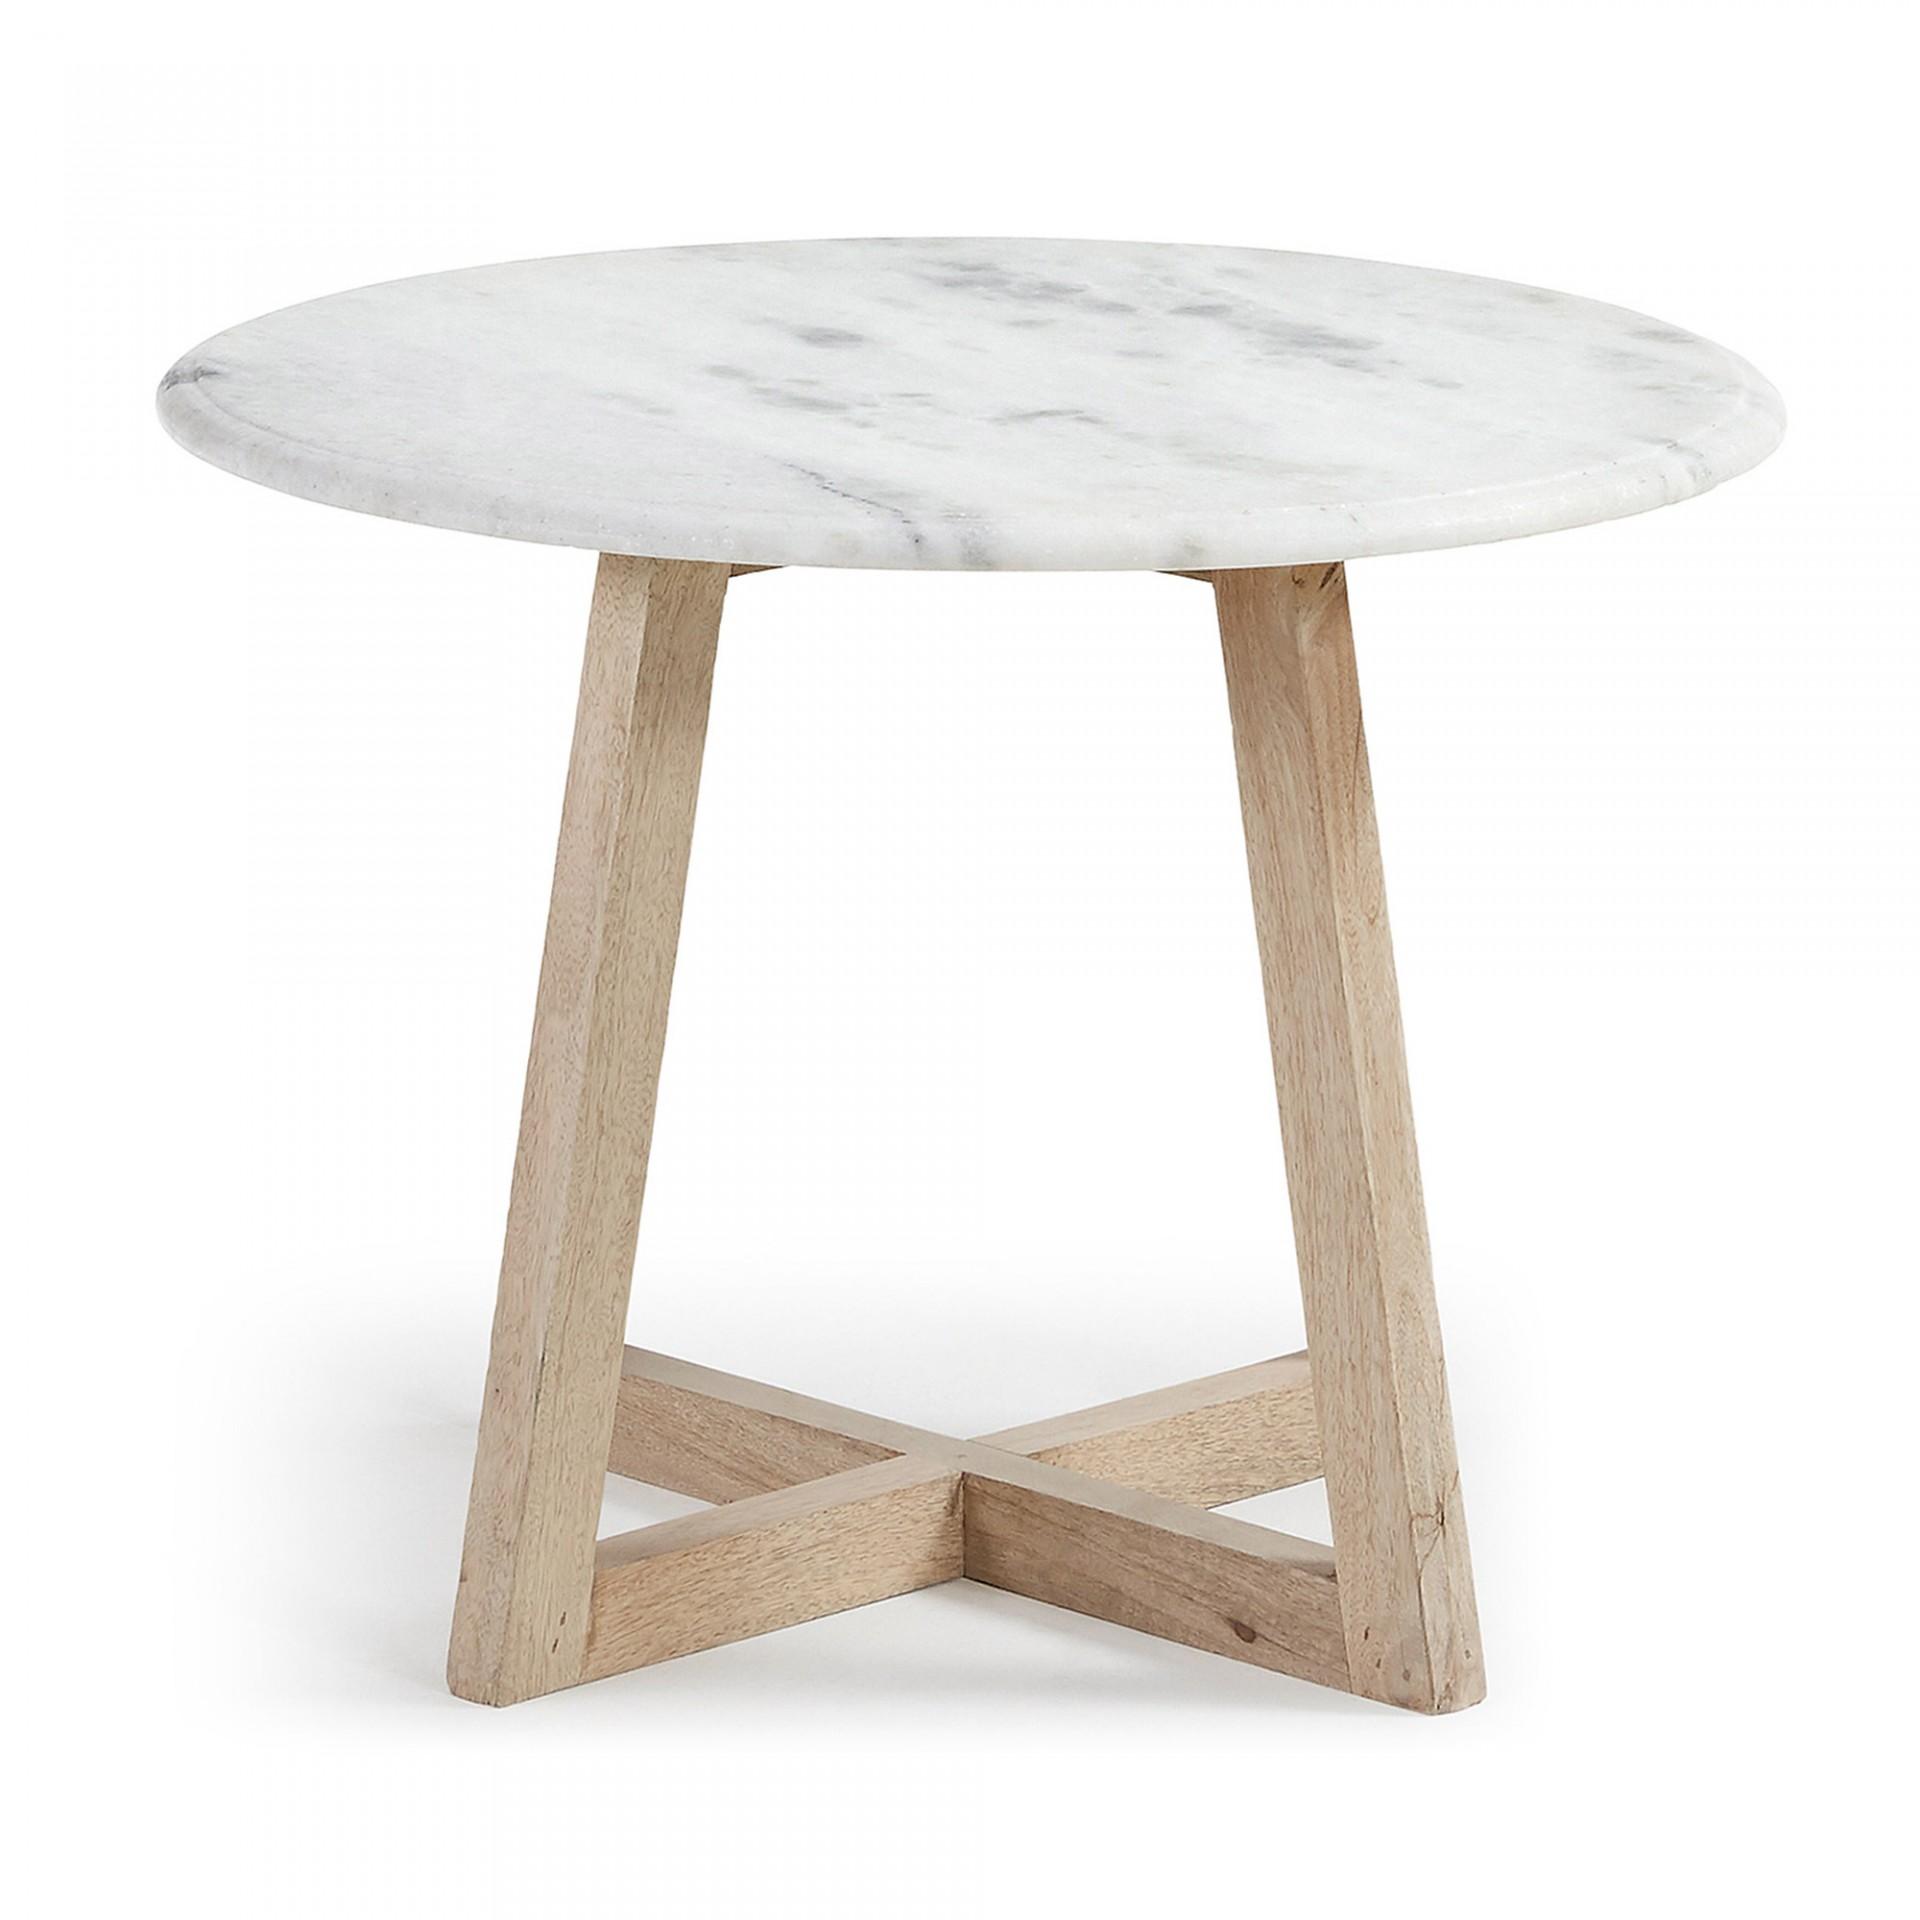 Mesa de centro em madeira manga/mármore branco, Ø50x35 cm